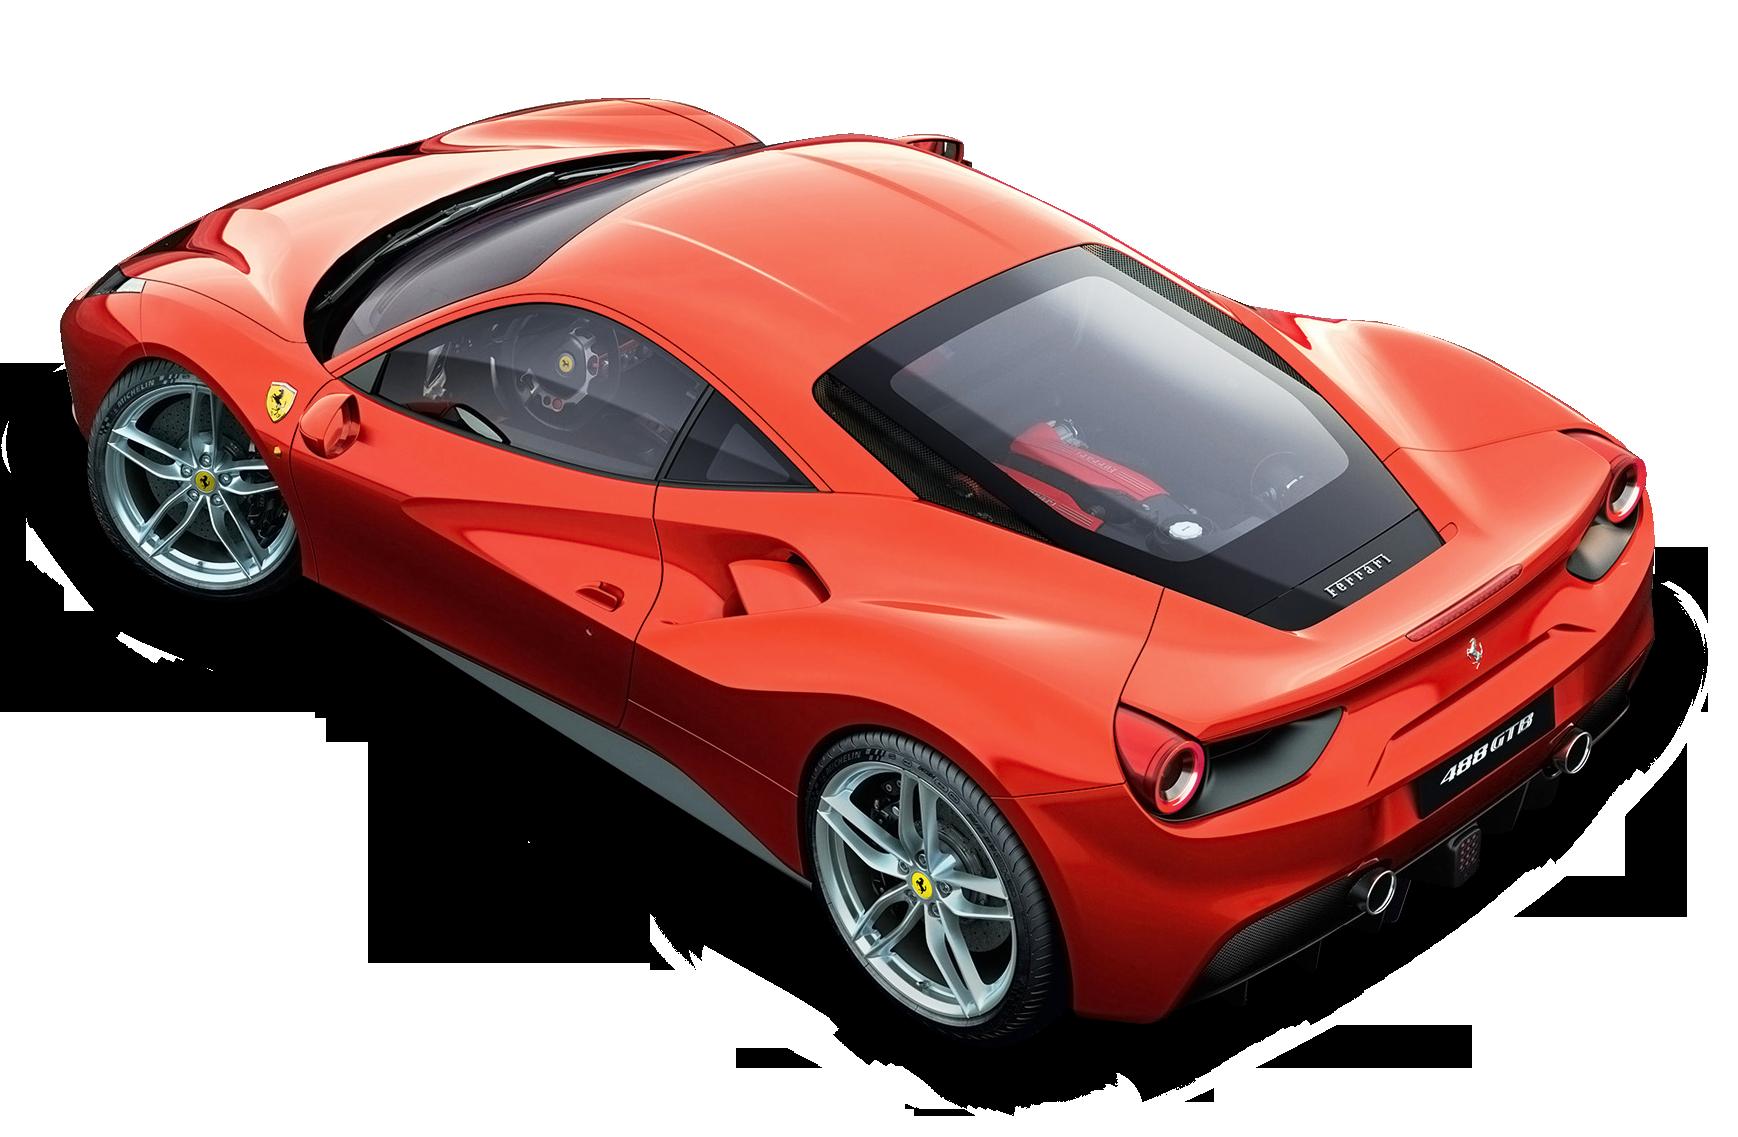 Red Ferrari Top car png